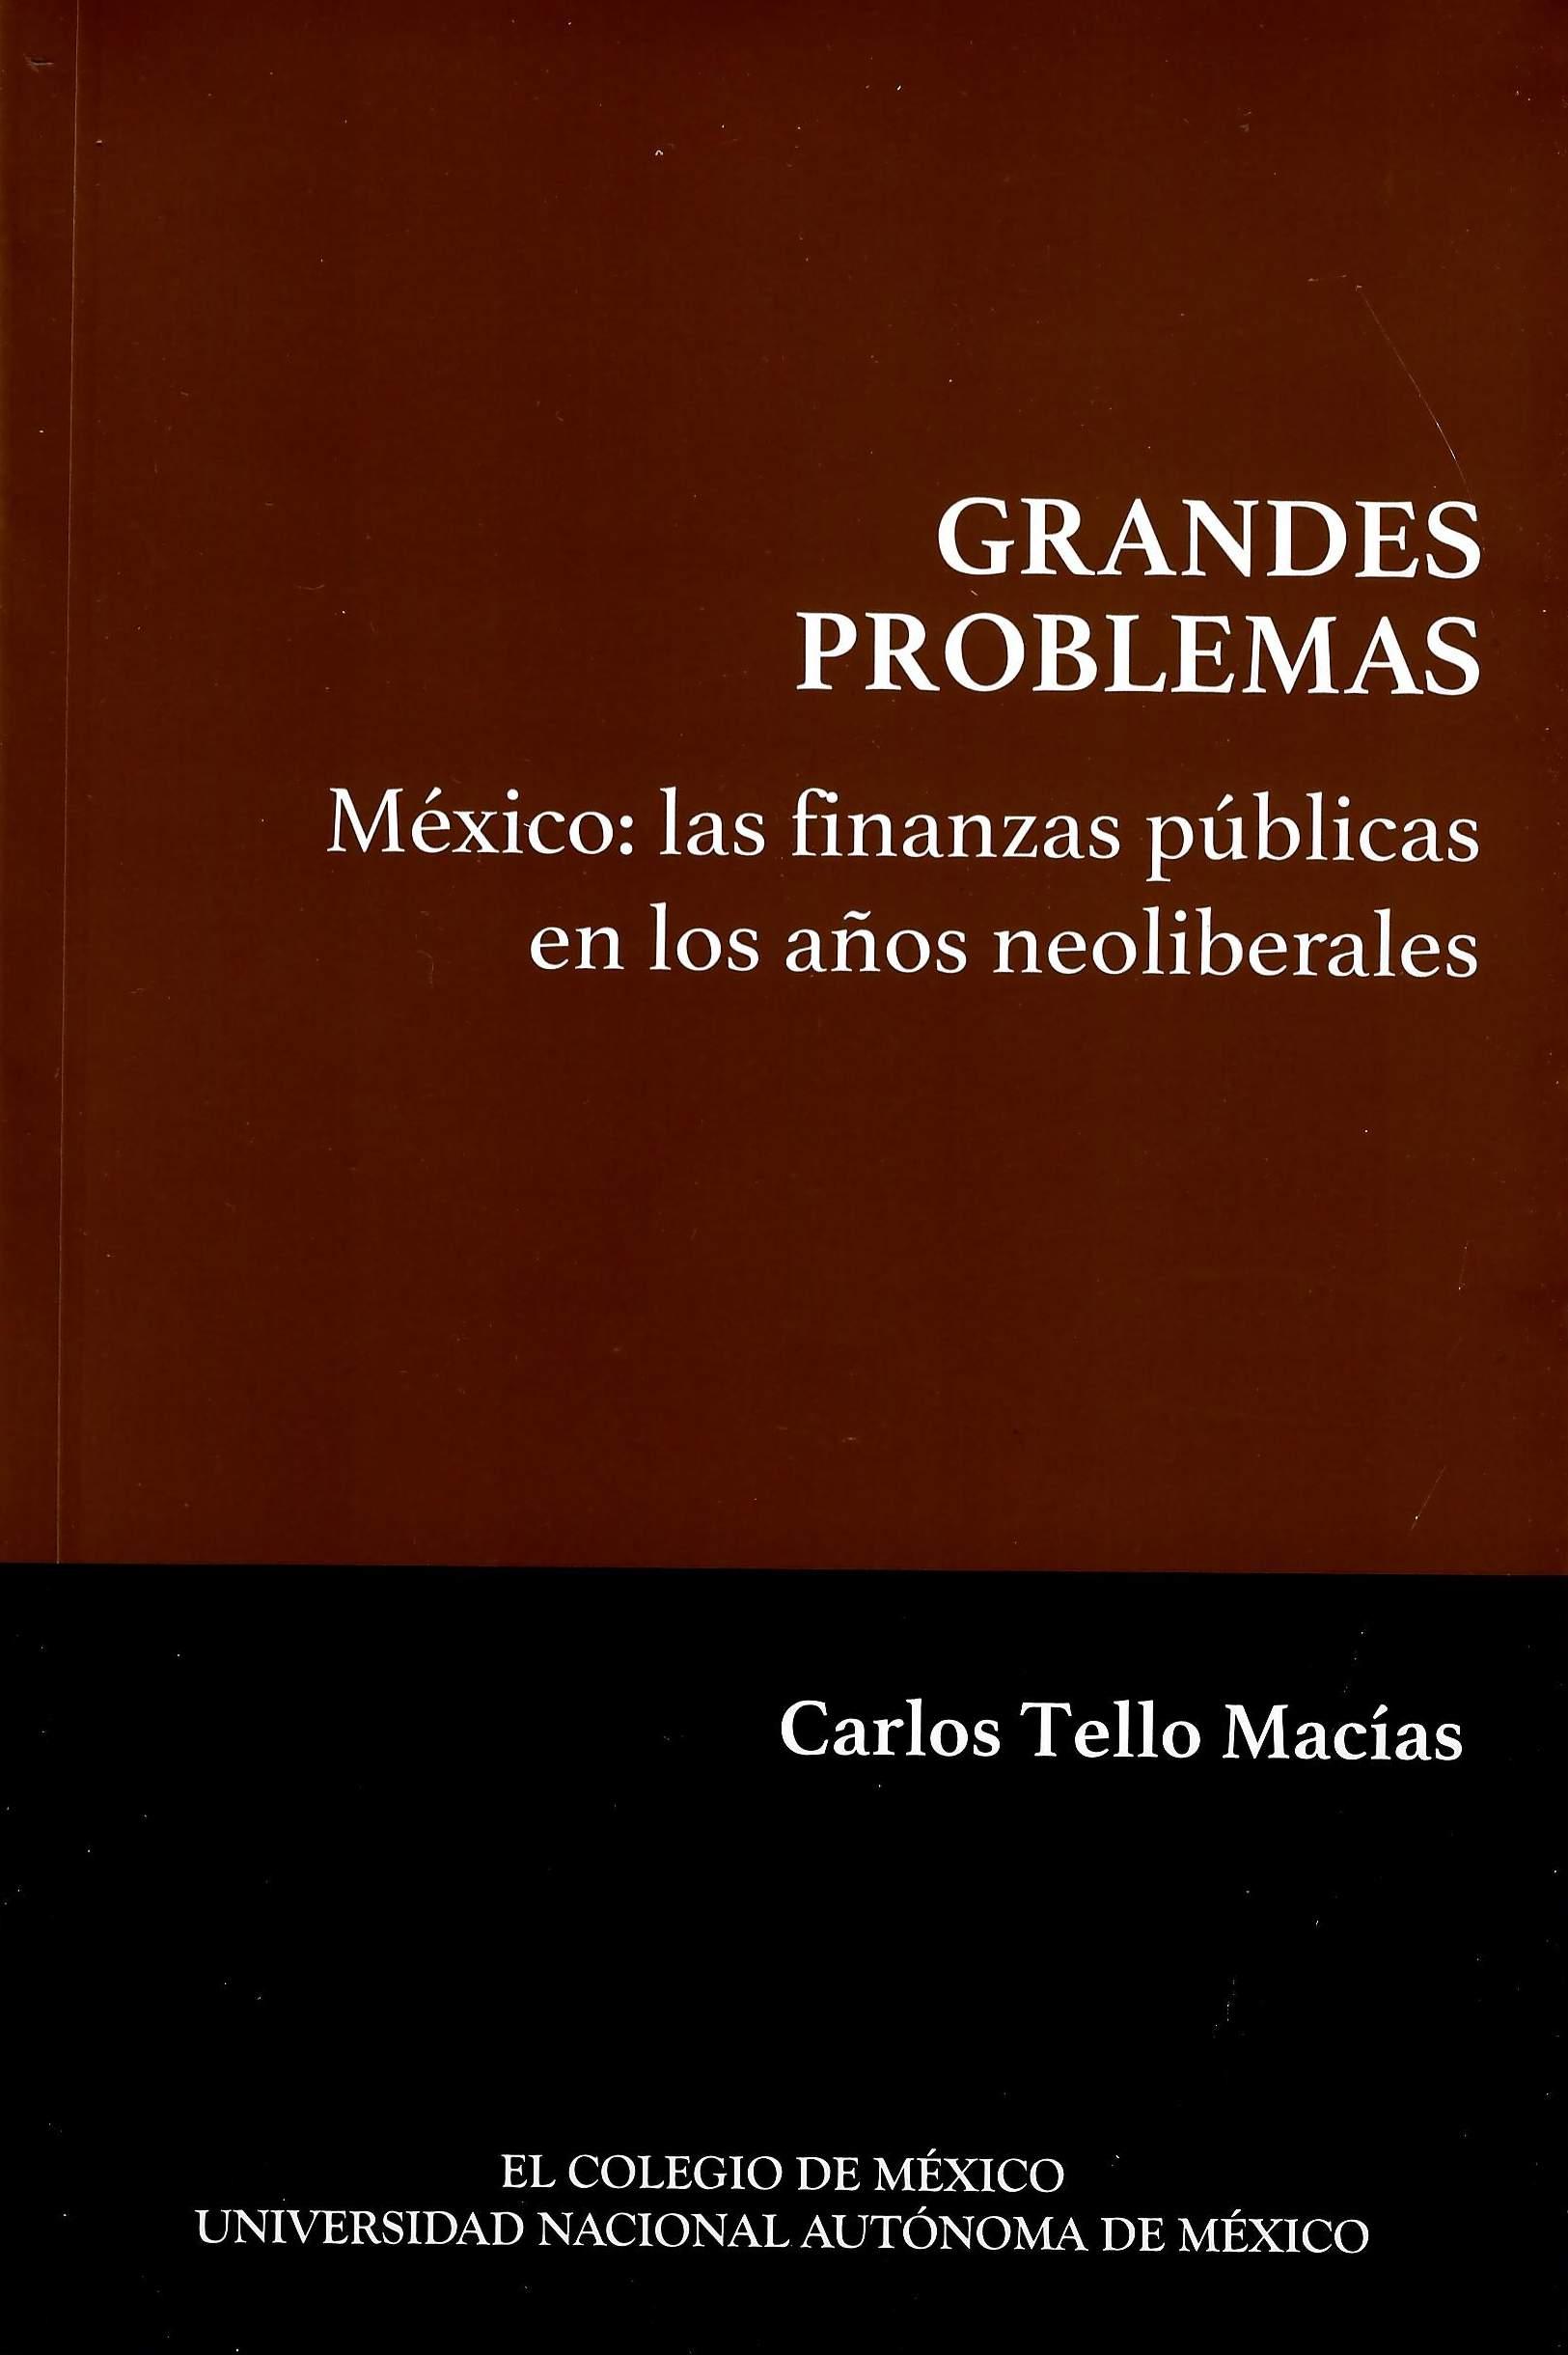 México: las finanzas públicas en los años neoliberales